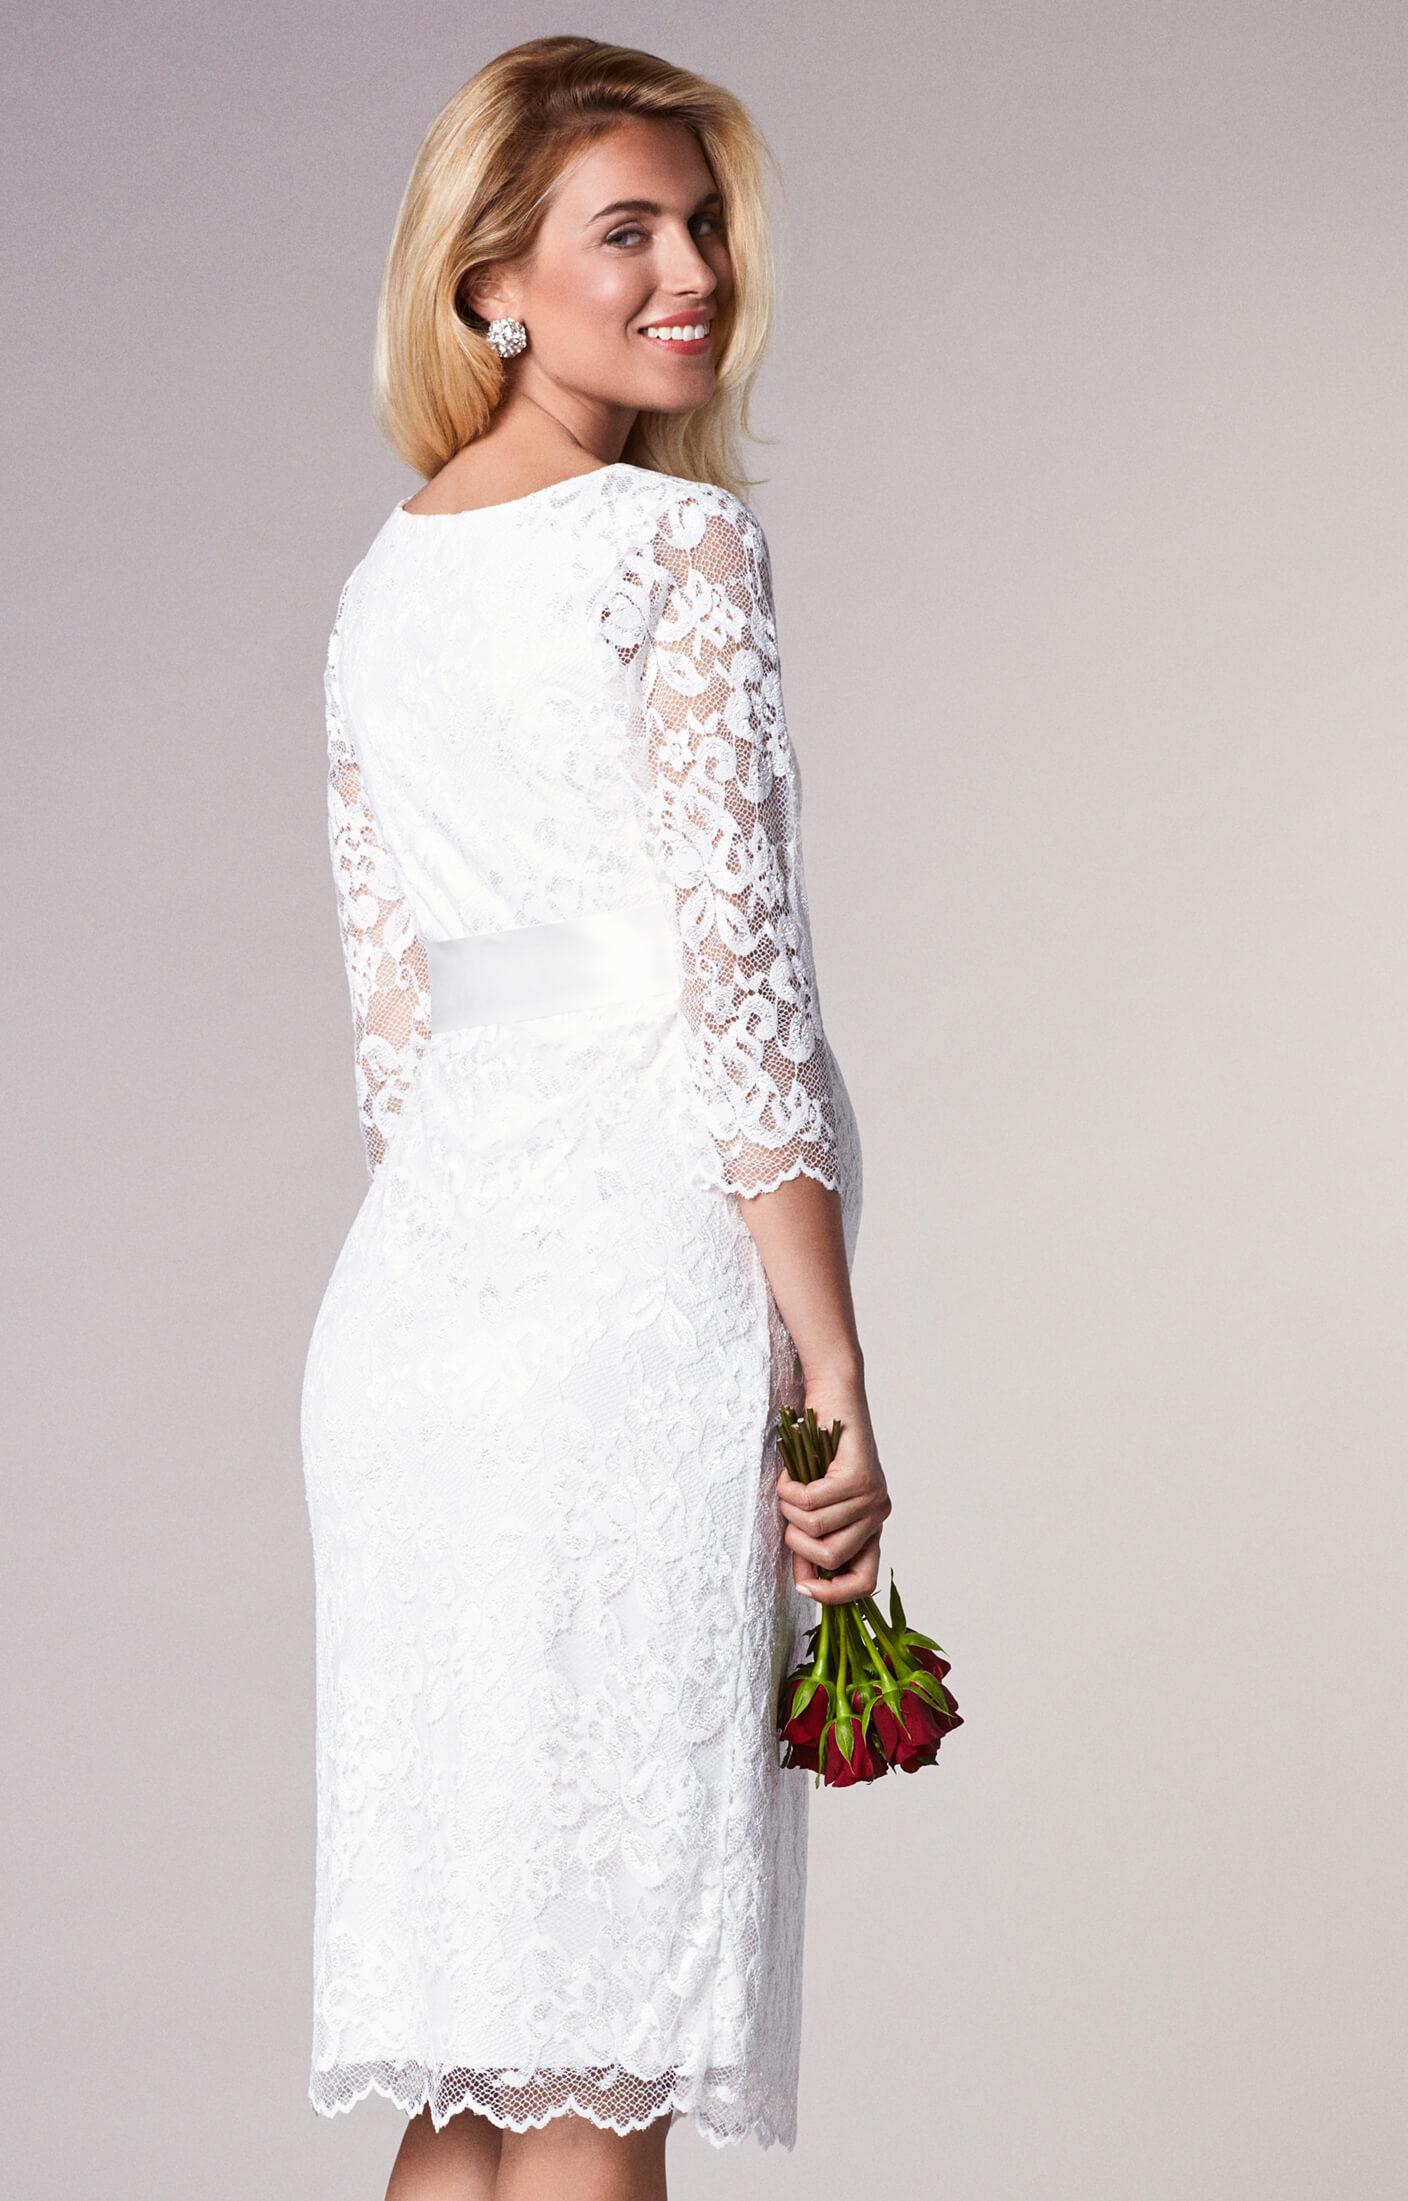 Katie Maternity Wedding Dress Short Ivory - Brudklänningar ... bfc8734942da8